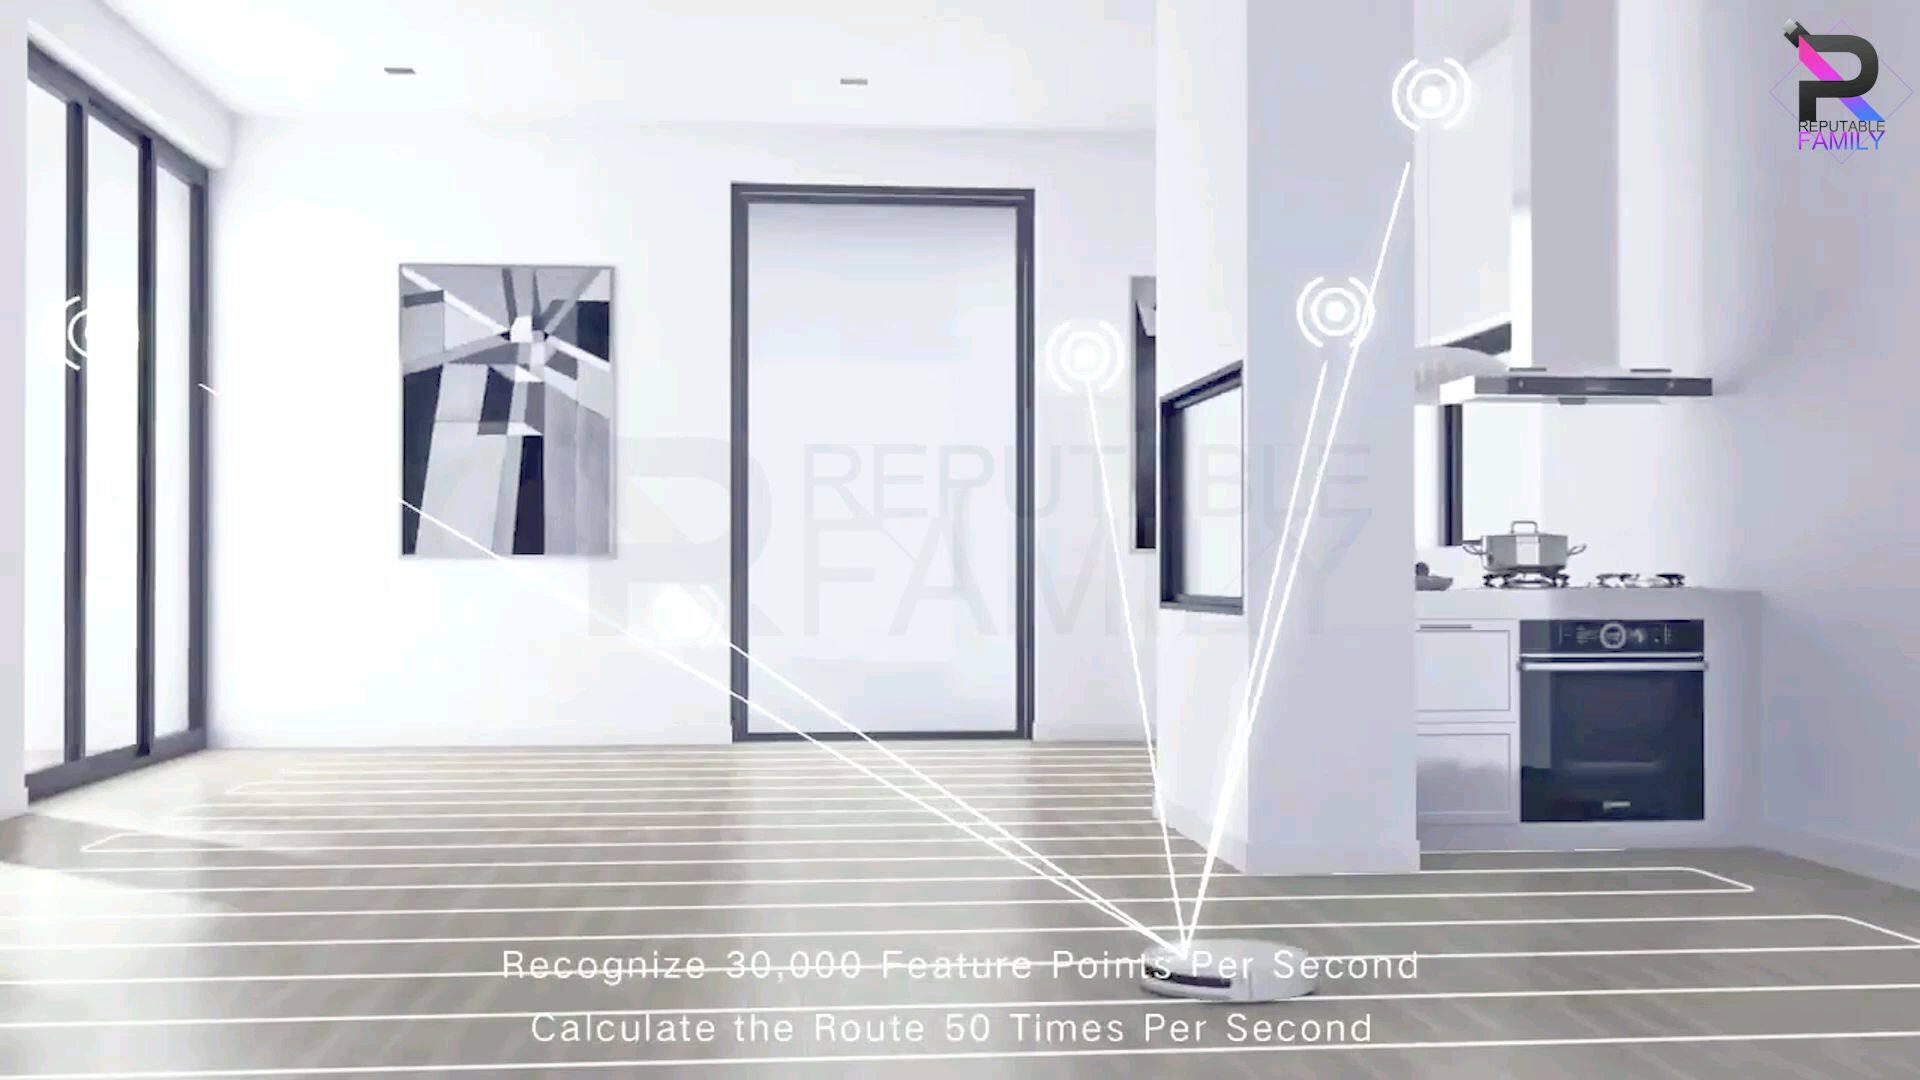 โปรโมชั่น Xiaomi  Robot Vacuum Cleaner 1C Mop Sweeper หุ่นยนต์ดูดฝุ่น หุ่นยนต์กวาด หุ่นยนต์ถูพื้น หุ่นยนต์ดูดฝุ่นอัตโนมัติ ราคาถูก หุ่นยนต์ทำความสะอาด เครื่องดูดฝุ่นอัจฉริยะ หุ่นยนต์กวาดพื้น เครื่องดูดฝุ่นหุ่นยนต์